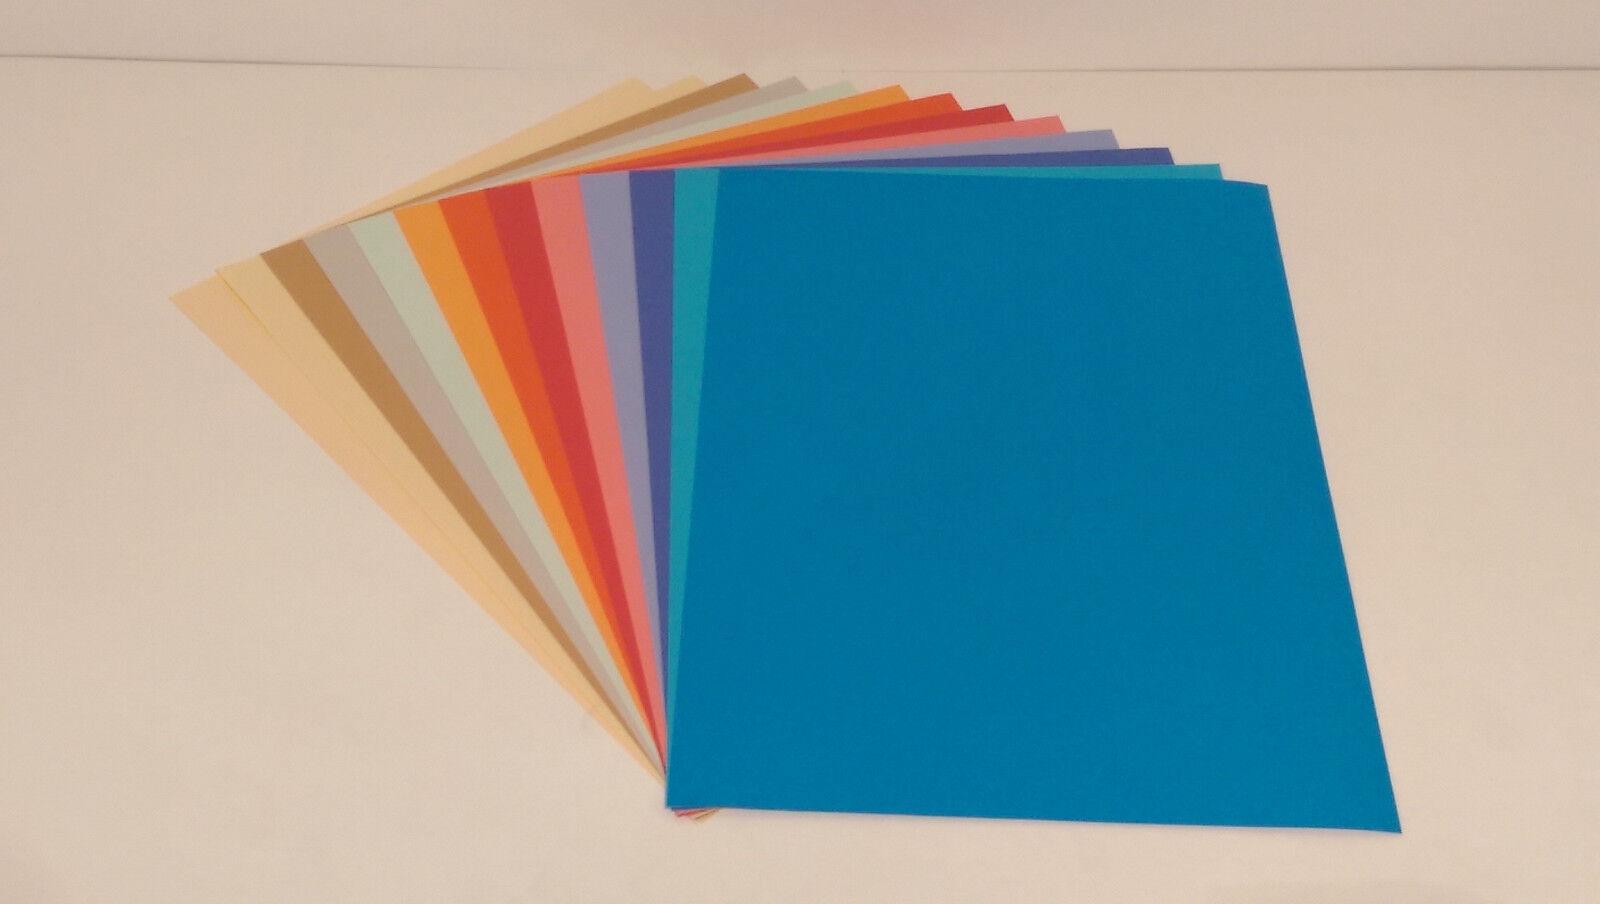 Kopierpapier Druckerpapier Papier Bastelpapier 500 Blatt 80g DIN A4 Bunt Farbig